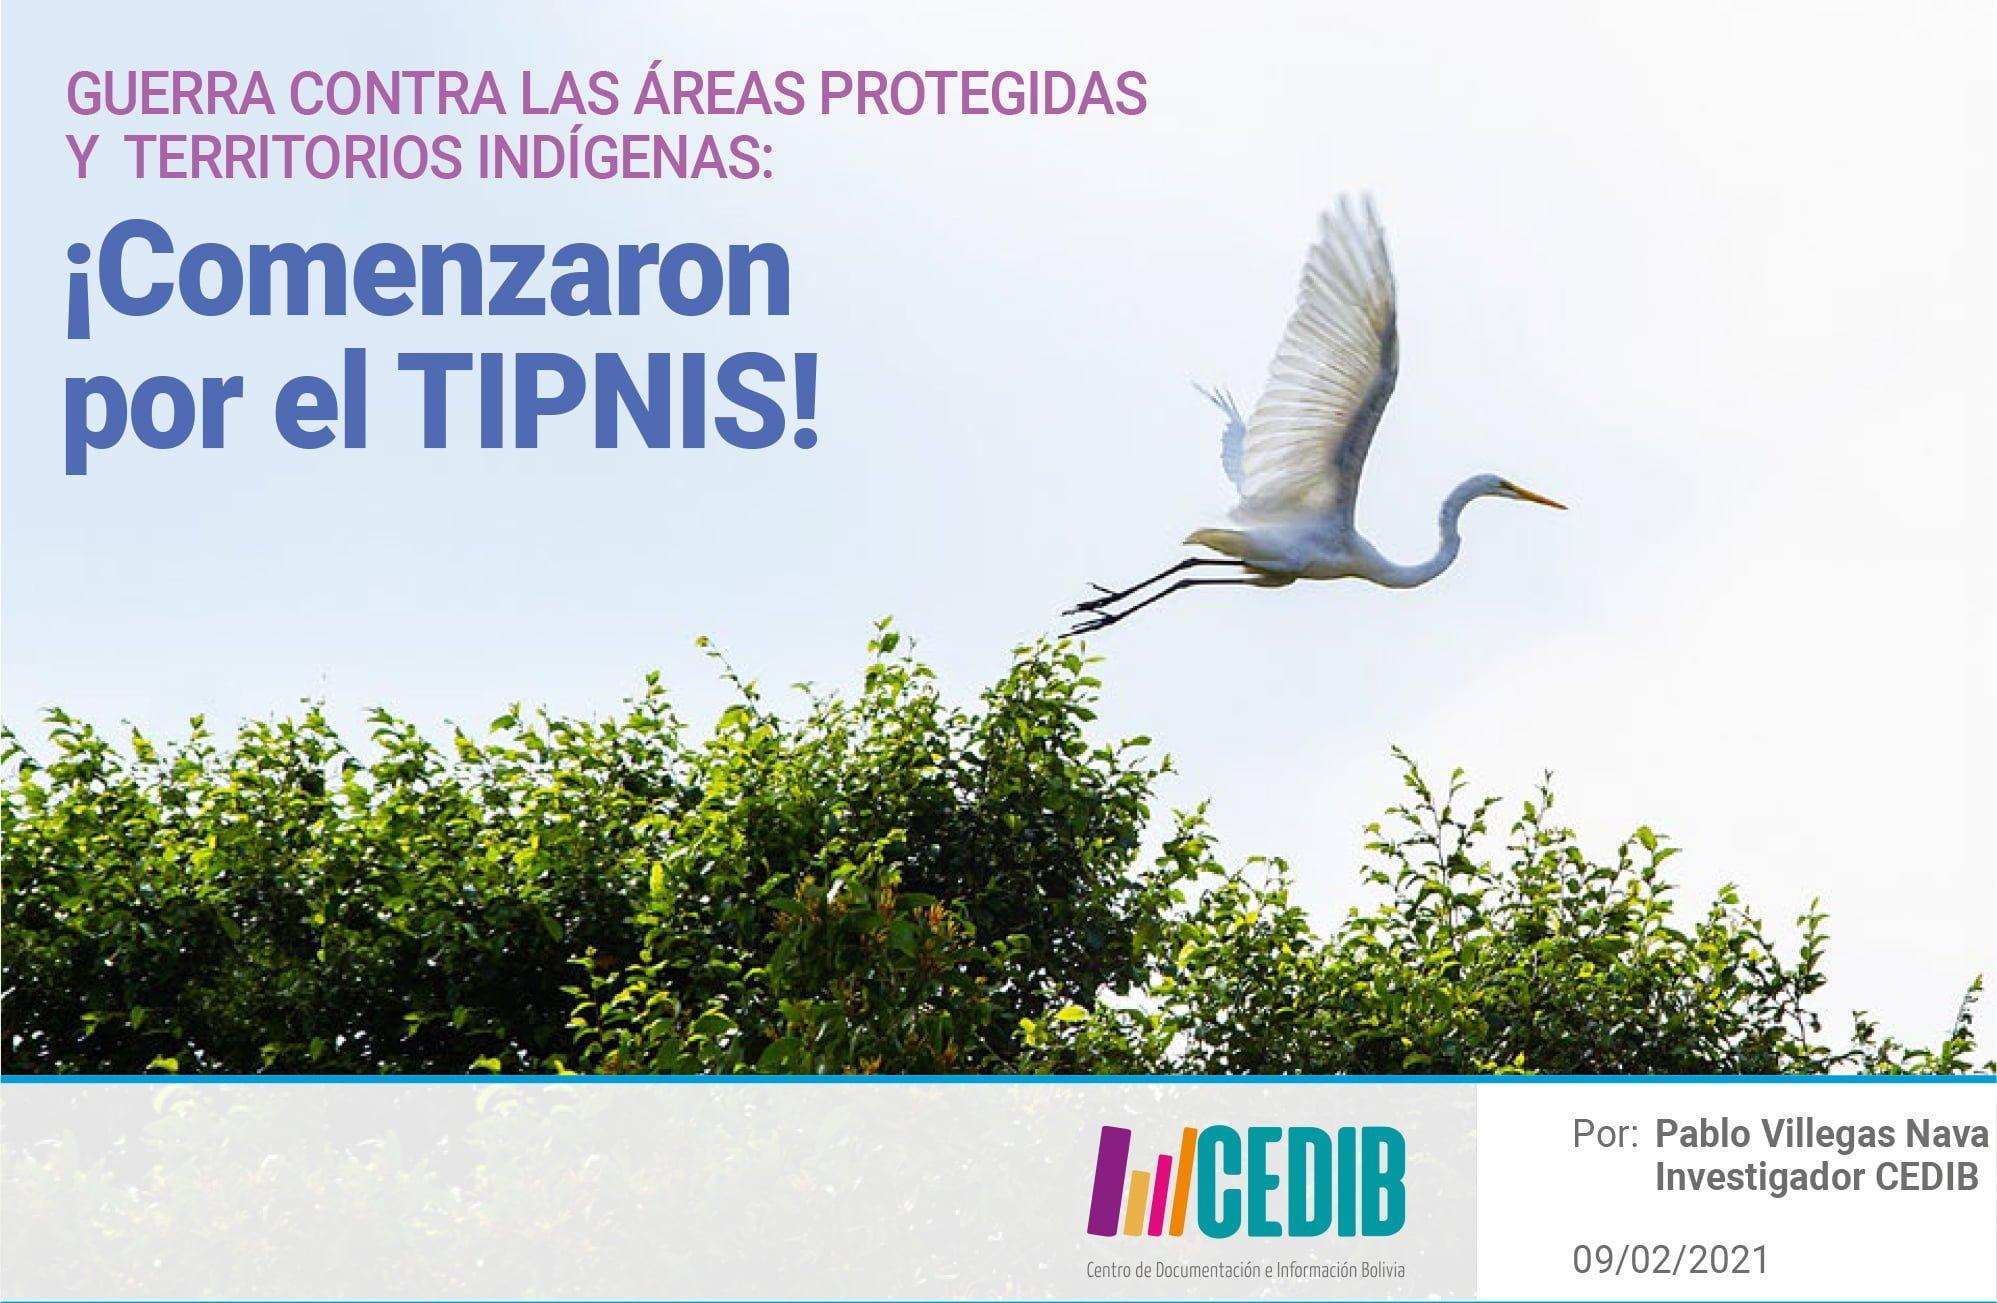 Guerra contra las áreas protegidas y territorios indígenas: comenzaron por el TIPNIS